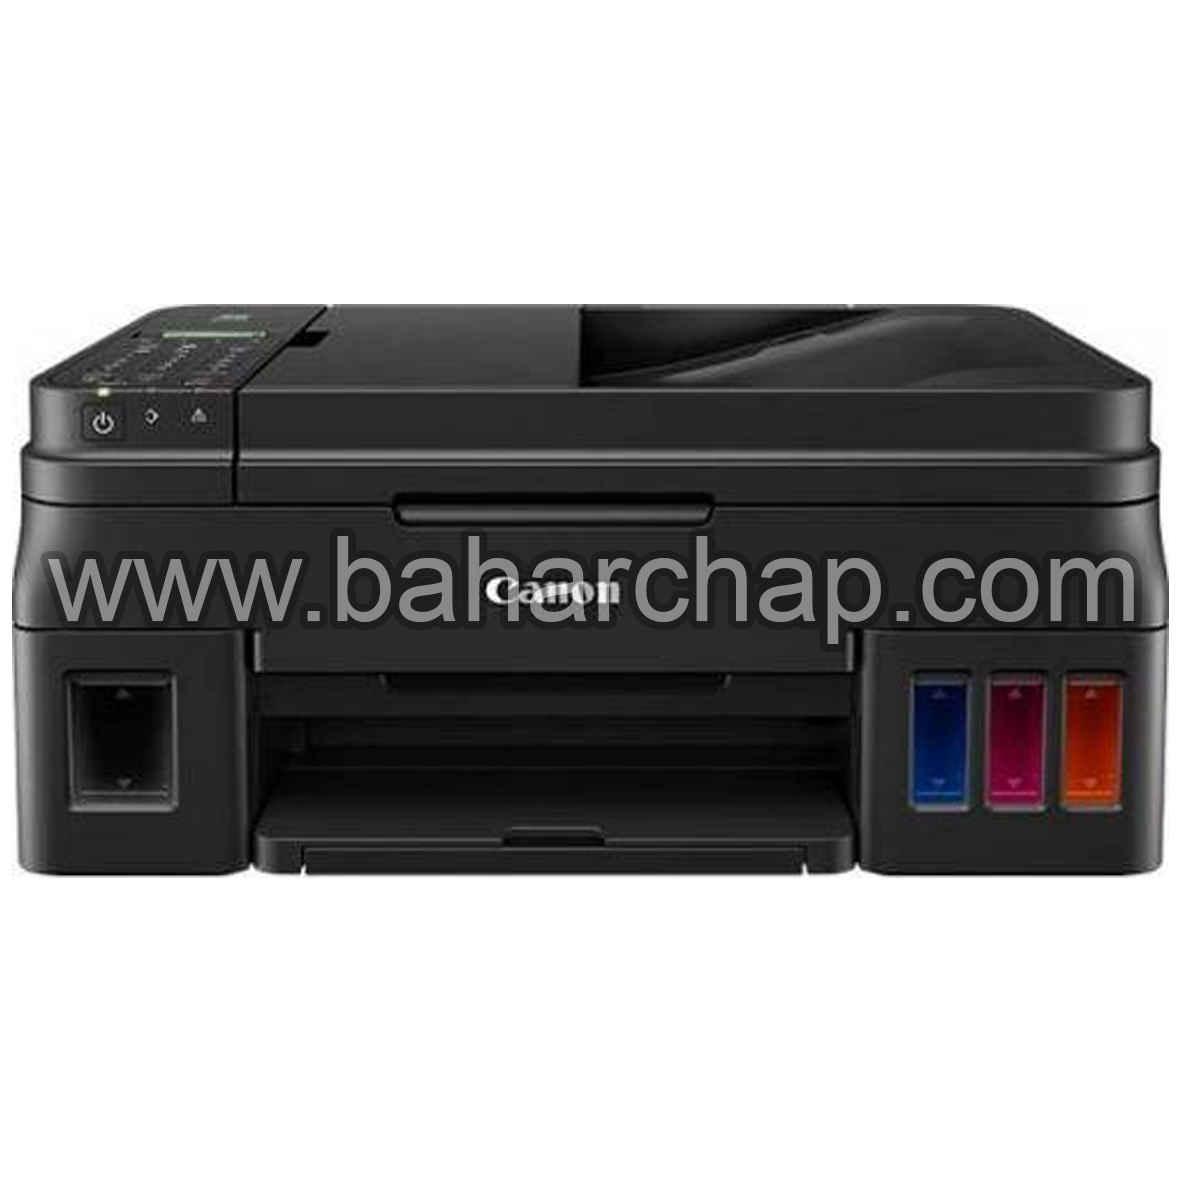 فروشگاه و خدمات اینترنتی بهارچاپ اصفهان-دانلود نرم افزار ریست پرینتر Canon G4510-Reset canon by ST5105